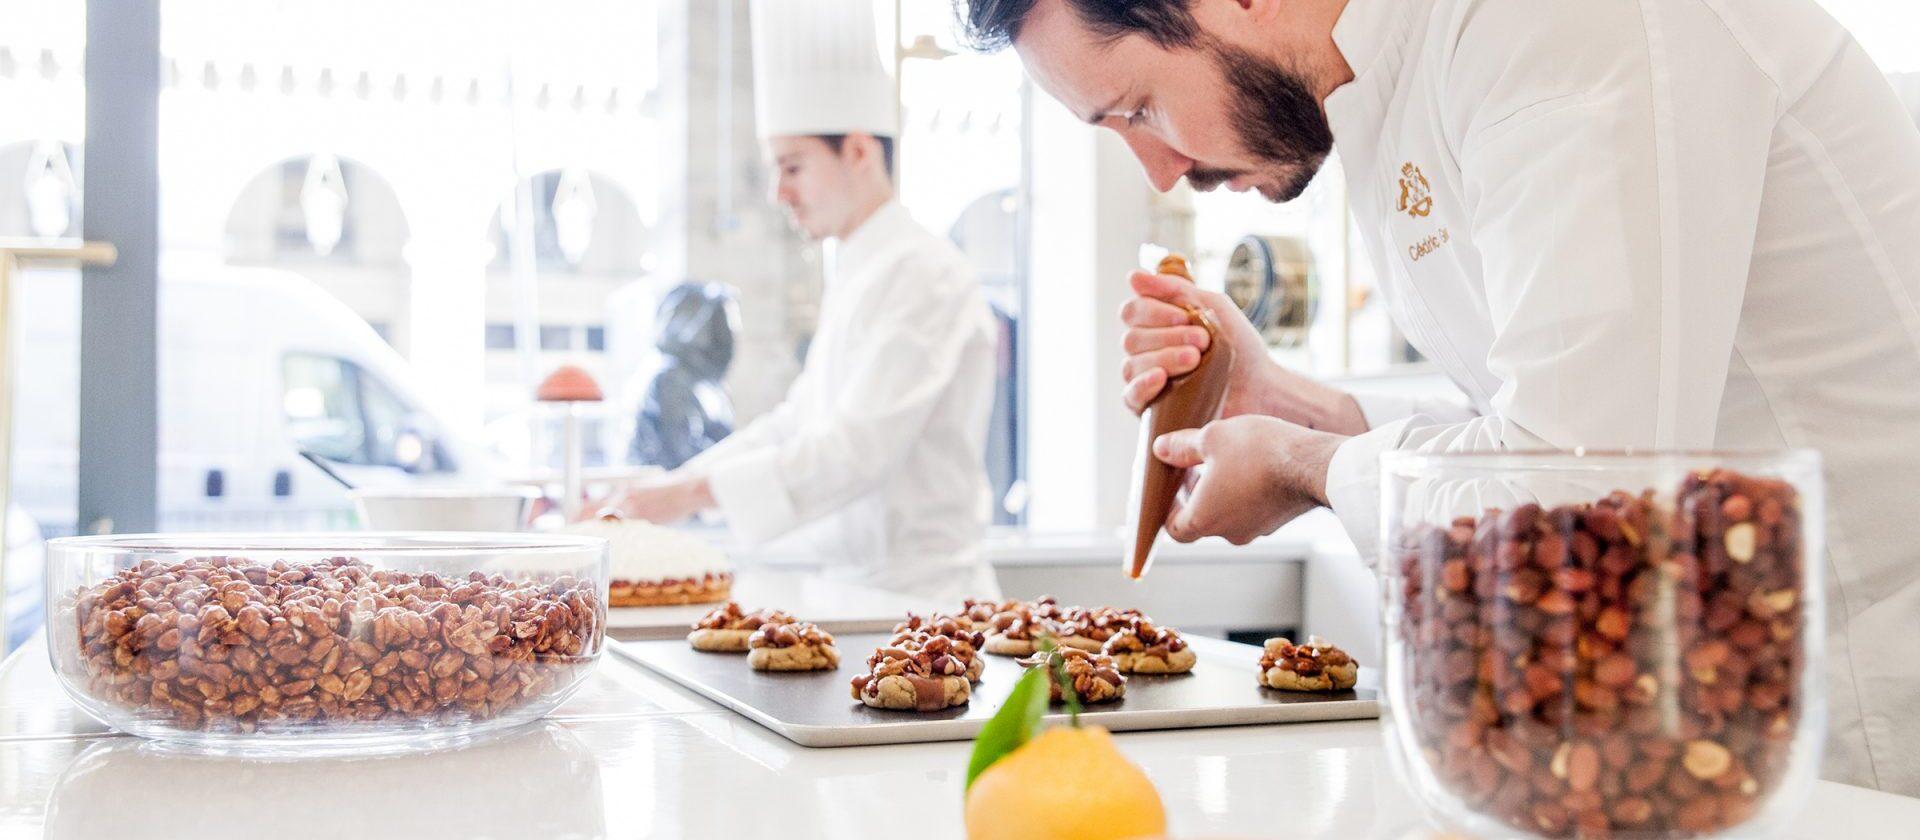 Harmony Cuisine Saint Julien la pâtisserie du meurice par cédric grolet | dorchester